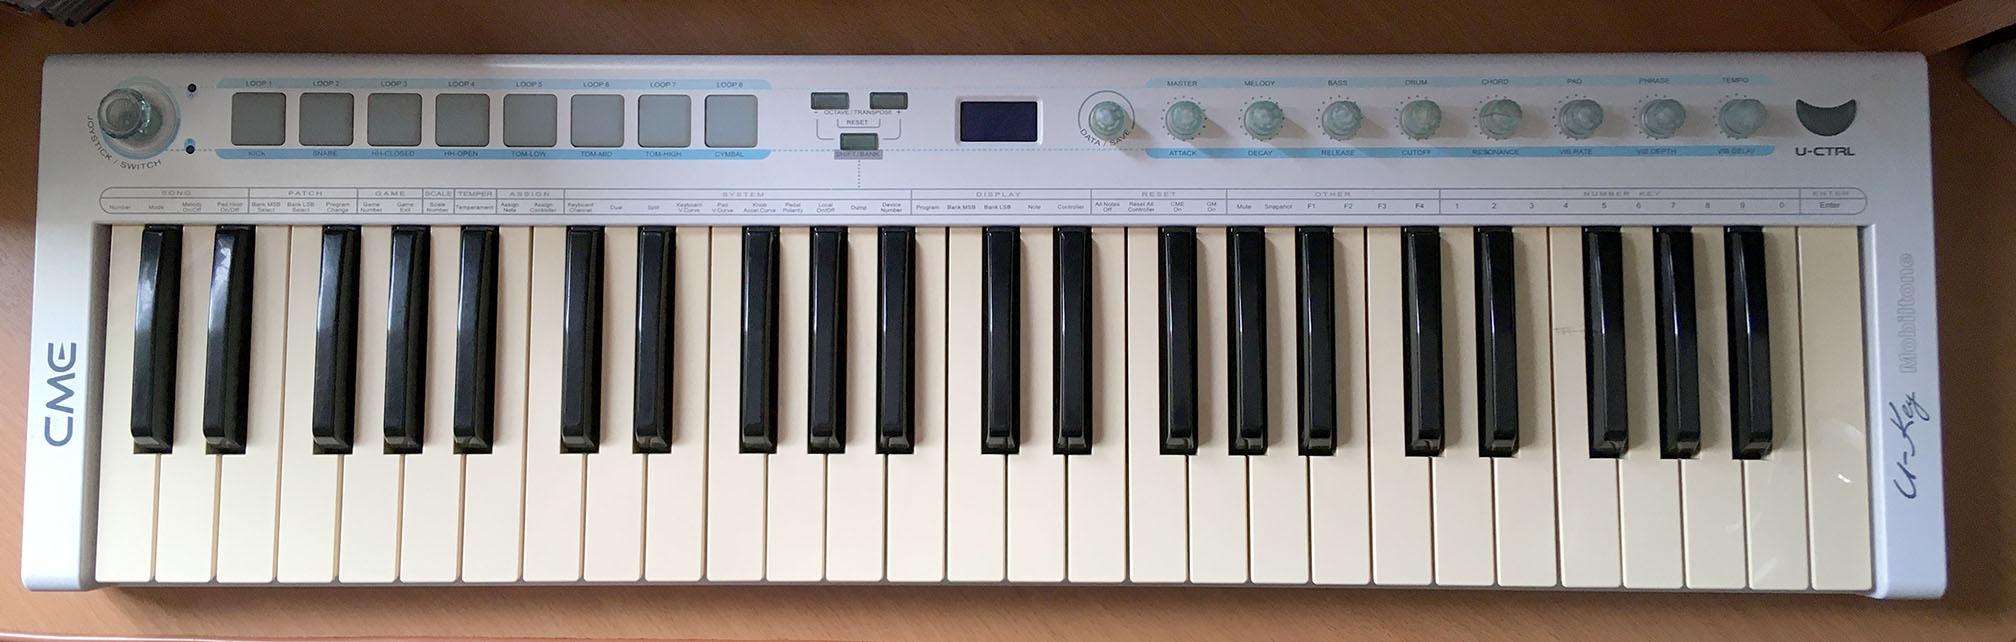 midi клавиатура CME (Что делать если не работают несколько клавиш на midi клавиатуре)